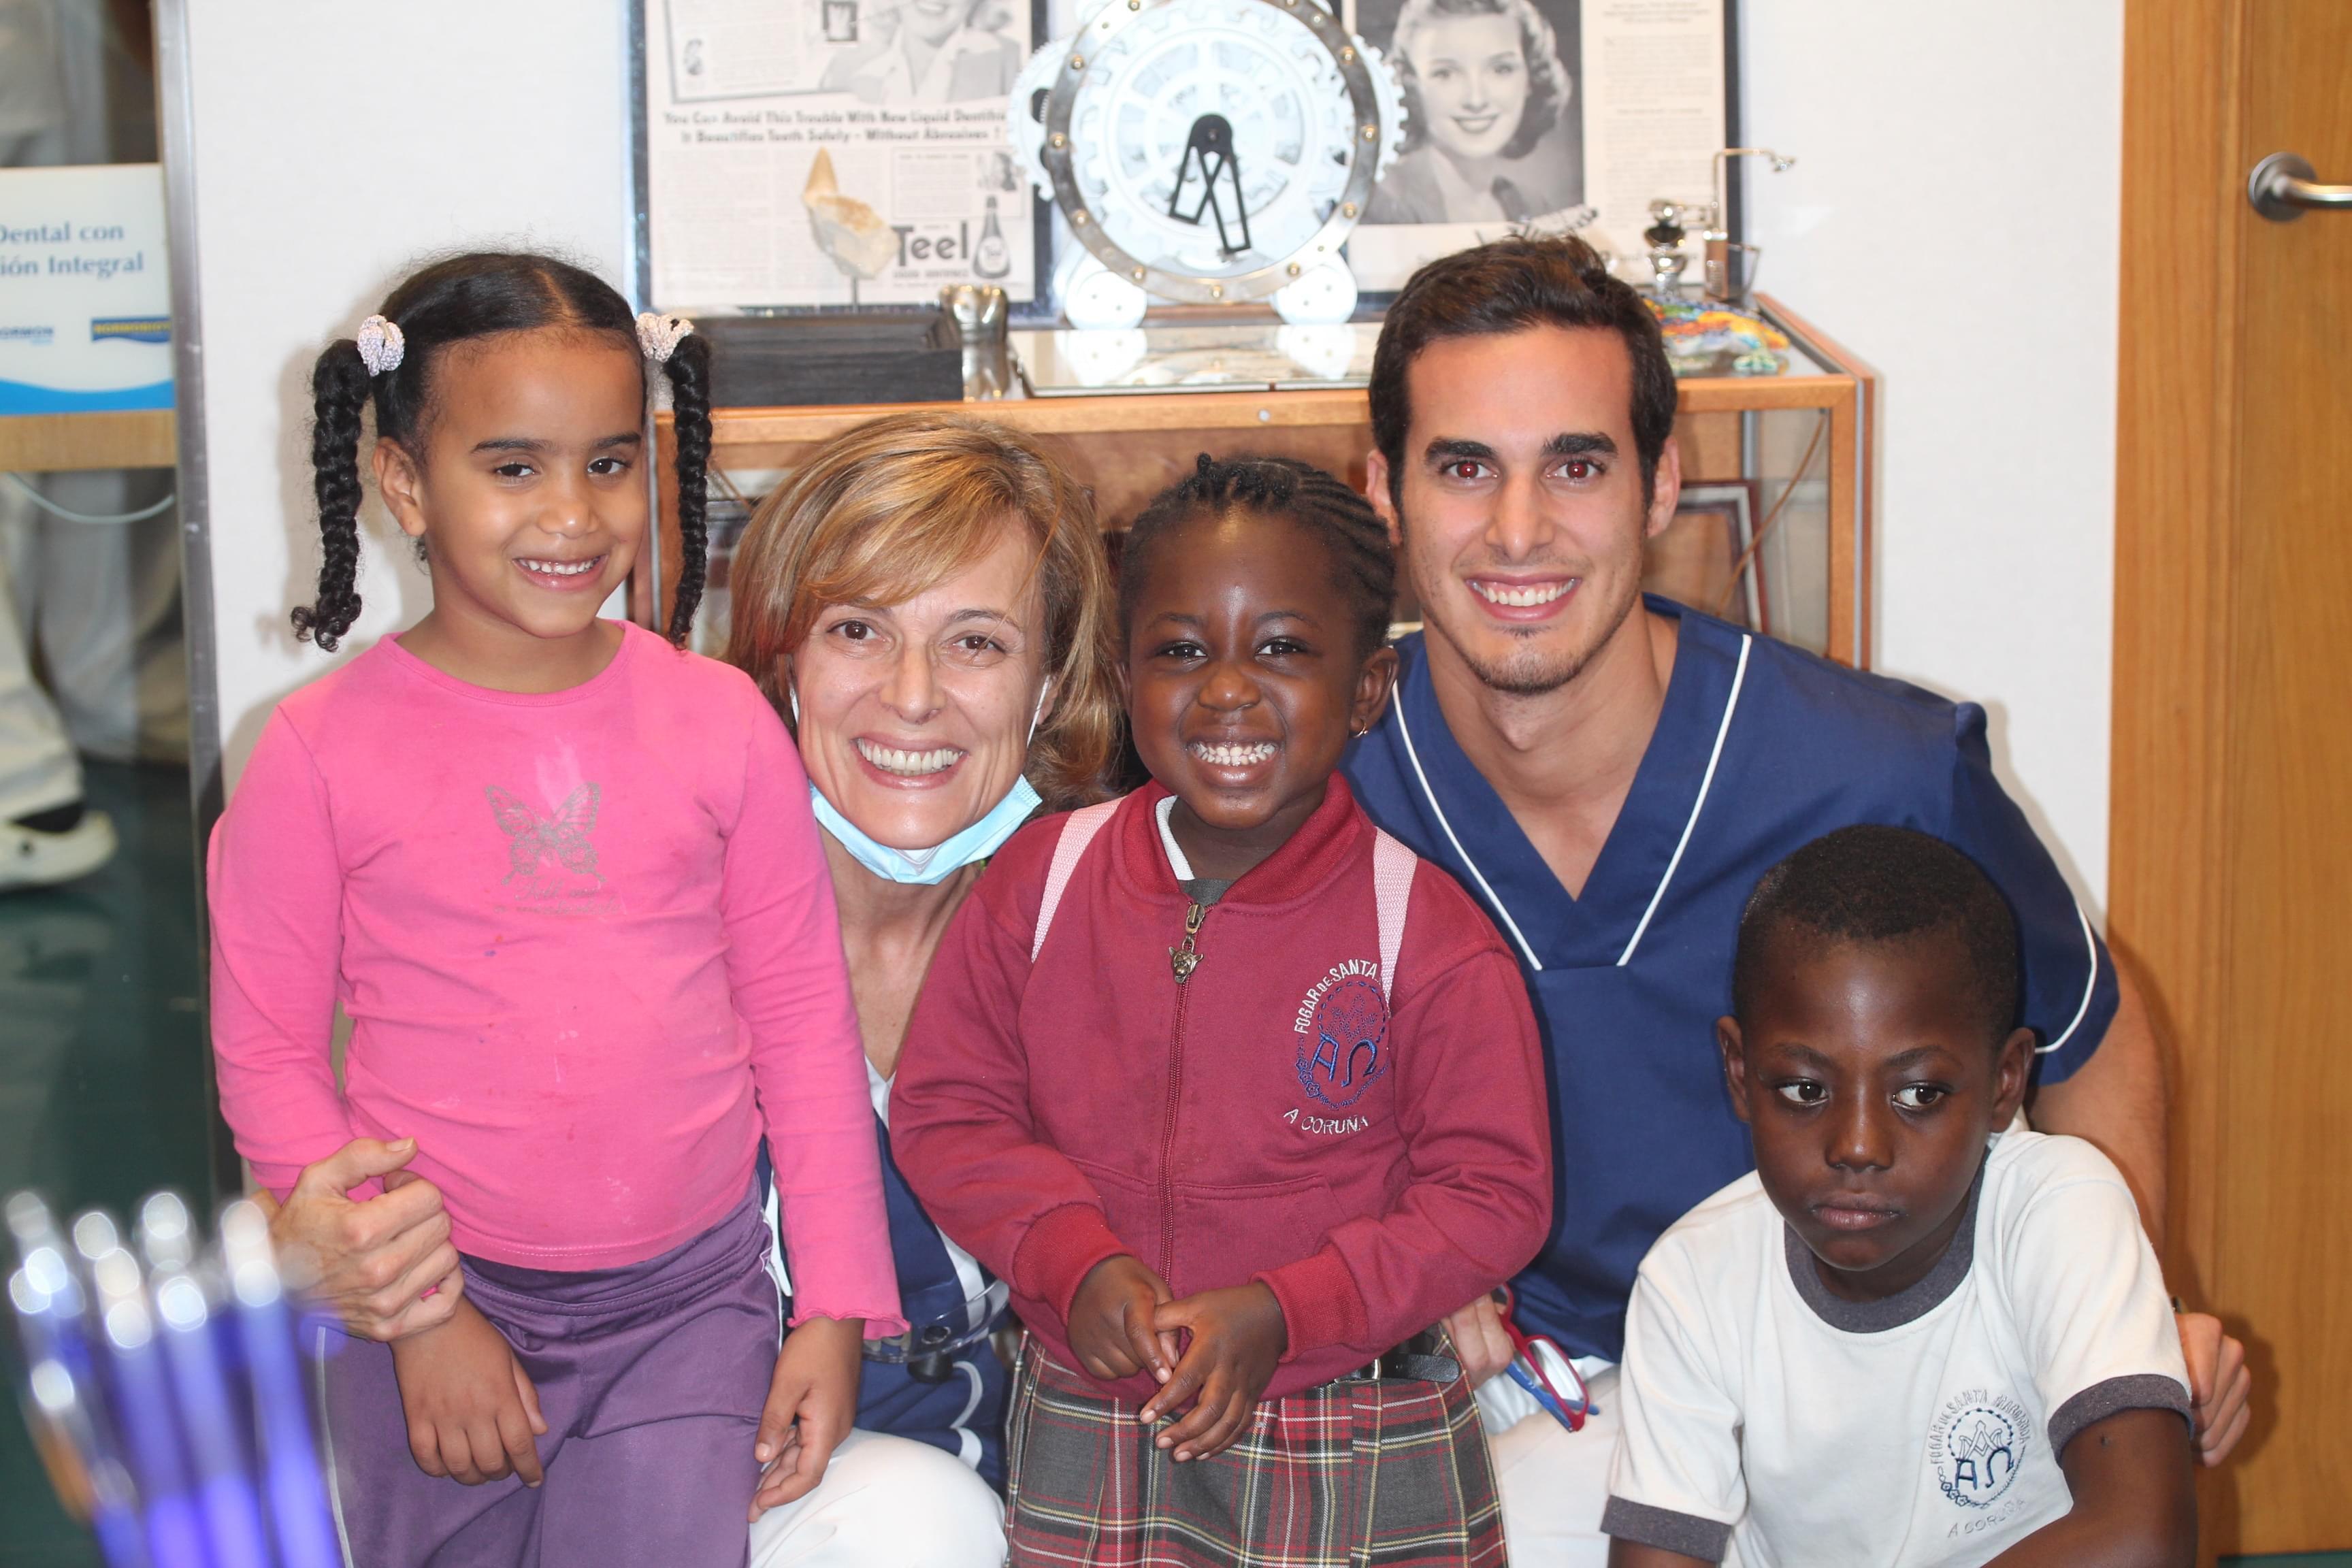 Fundación Clínica Pardiñas